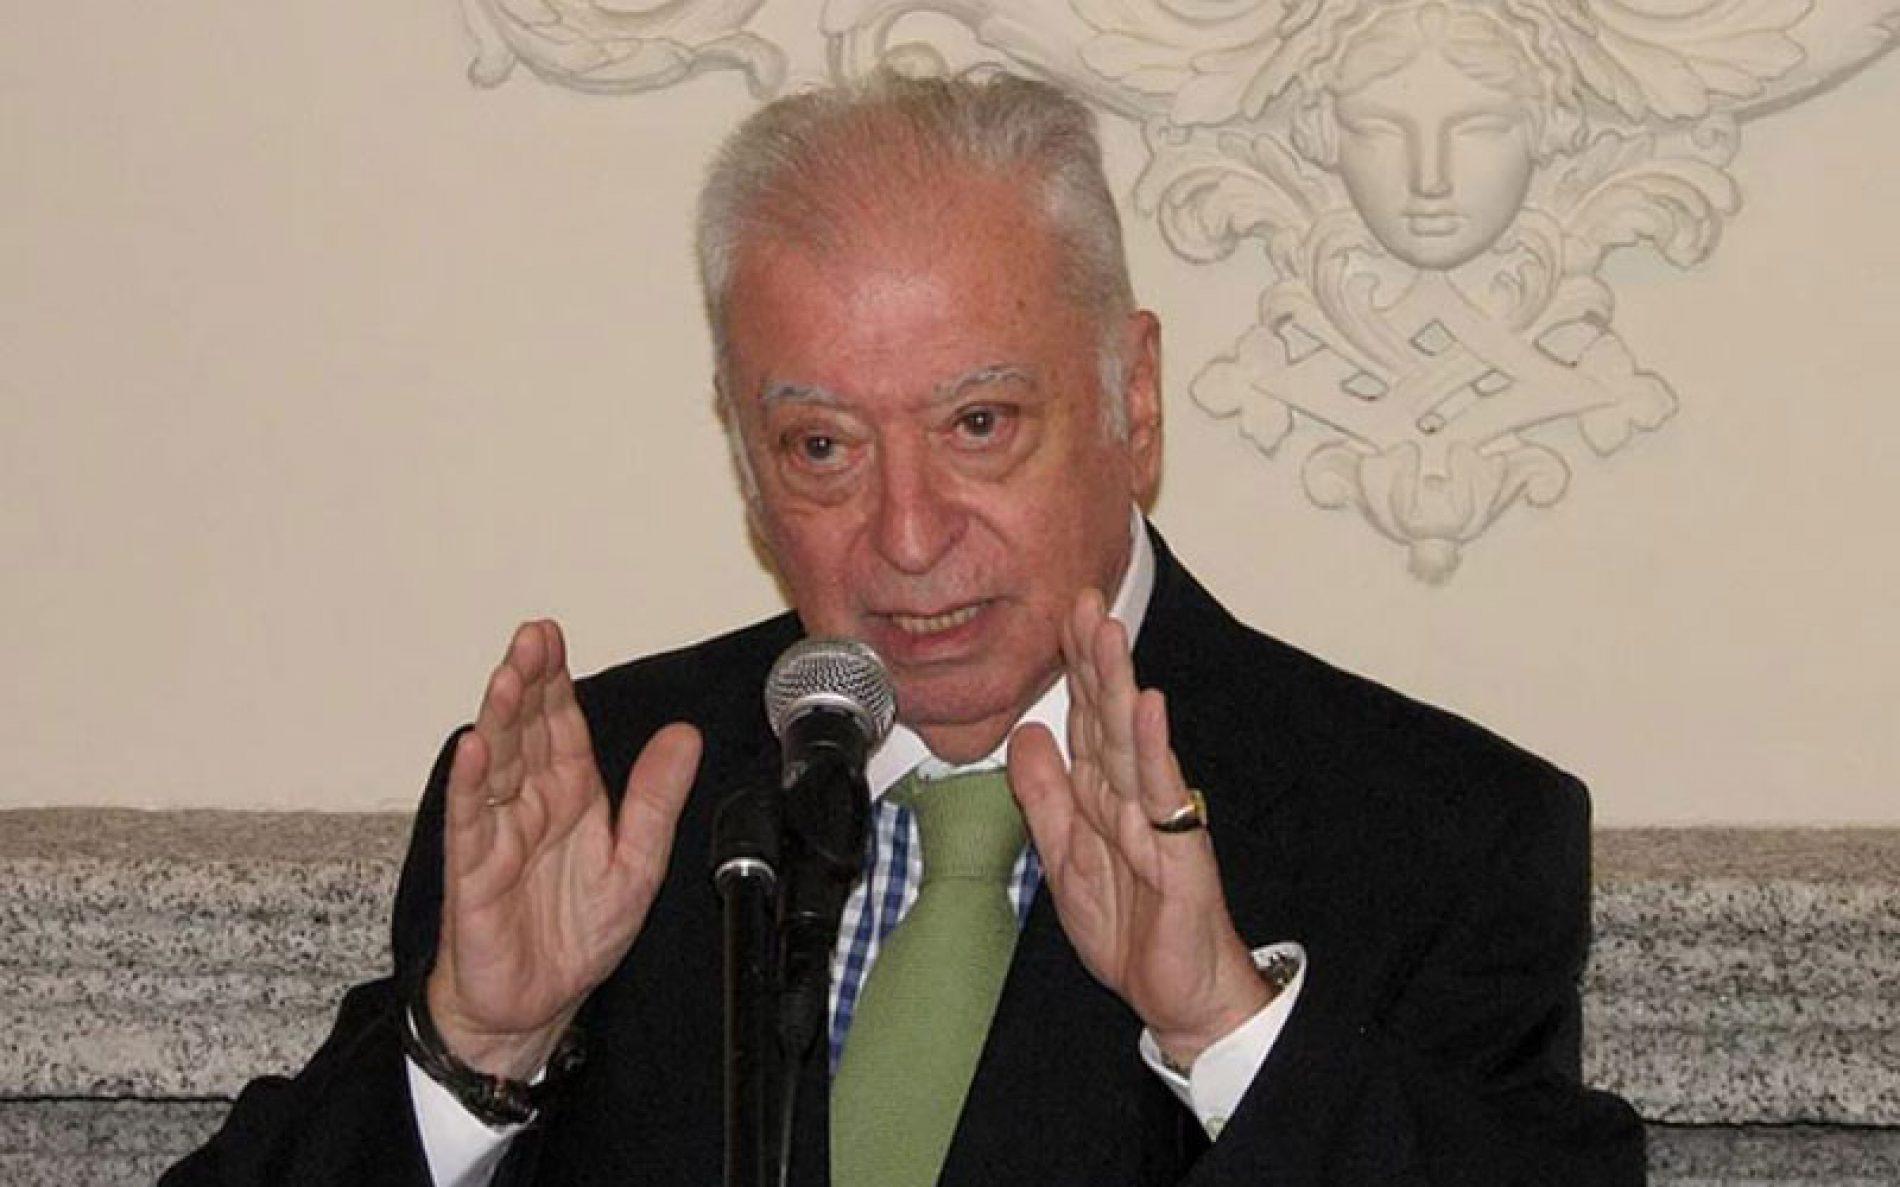 Fallece Tico Medina, uno de los más veteranos colaboradores de Trofeo Caza